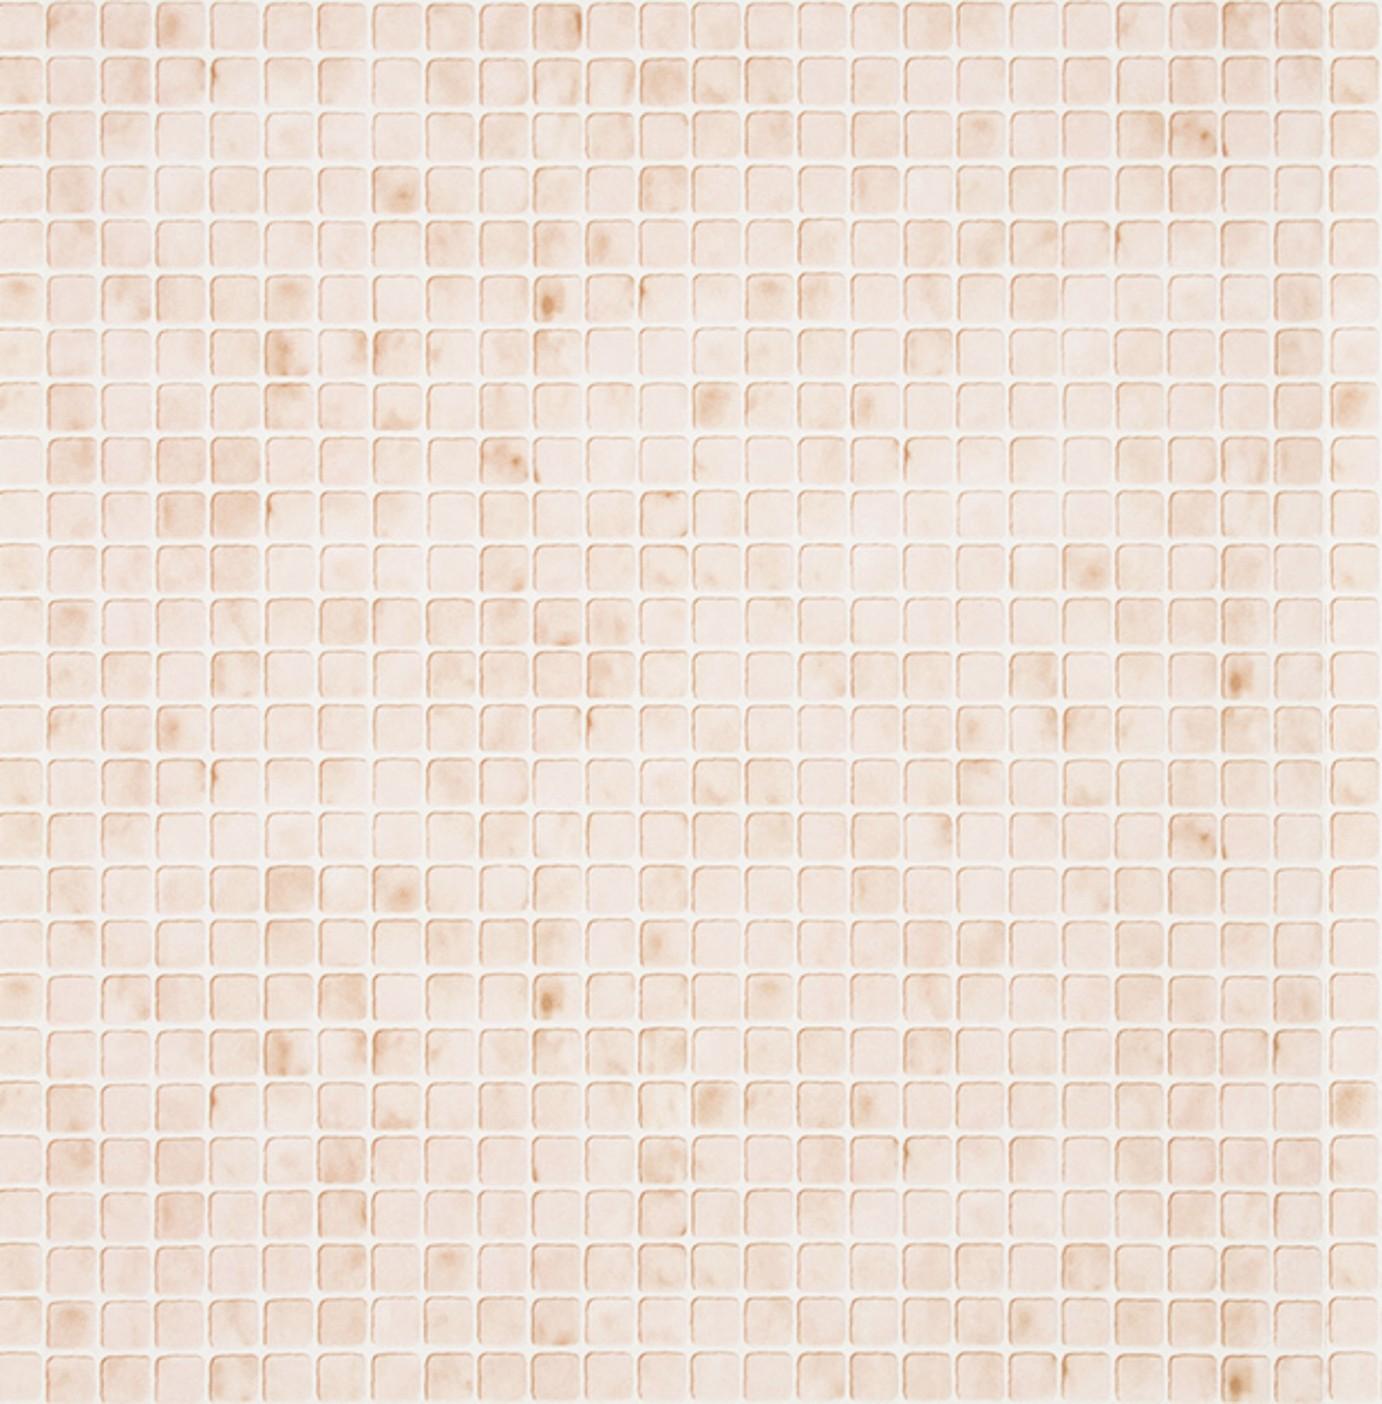 Tapeta na stěnu Vavex 258 | 0,53 x 10,05 m (Vinylová tapeta - žlutá, oranžová)